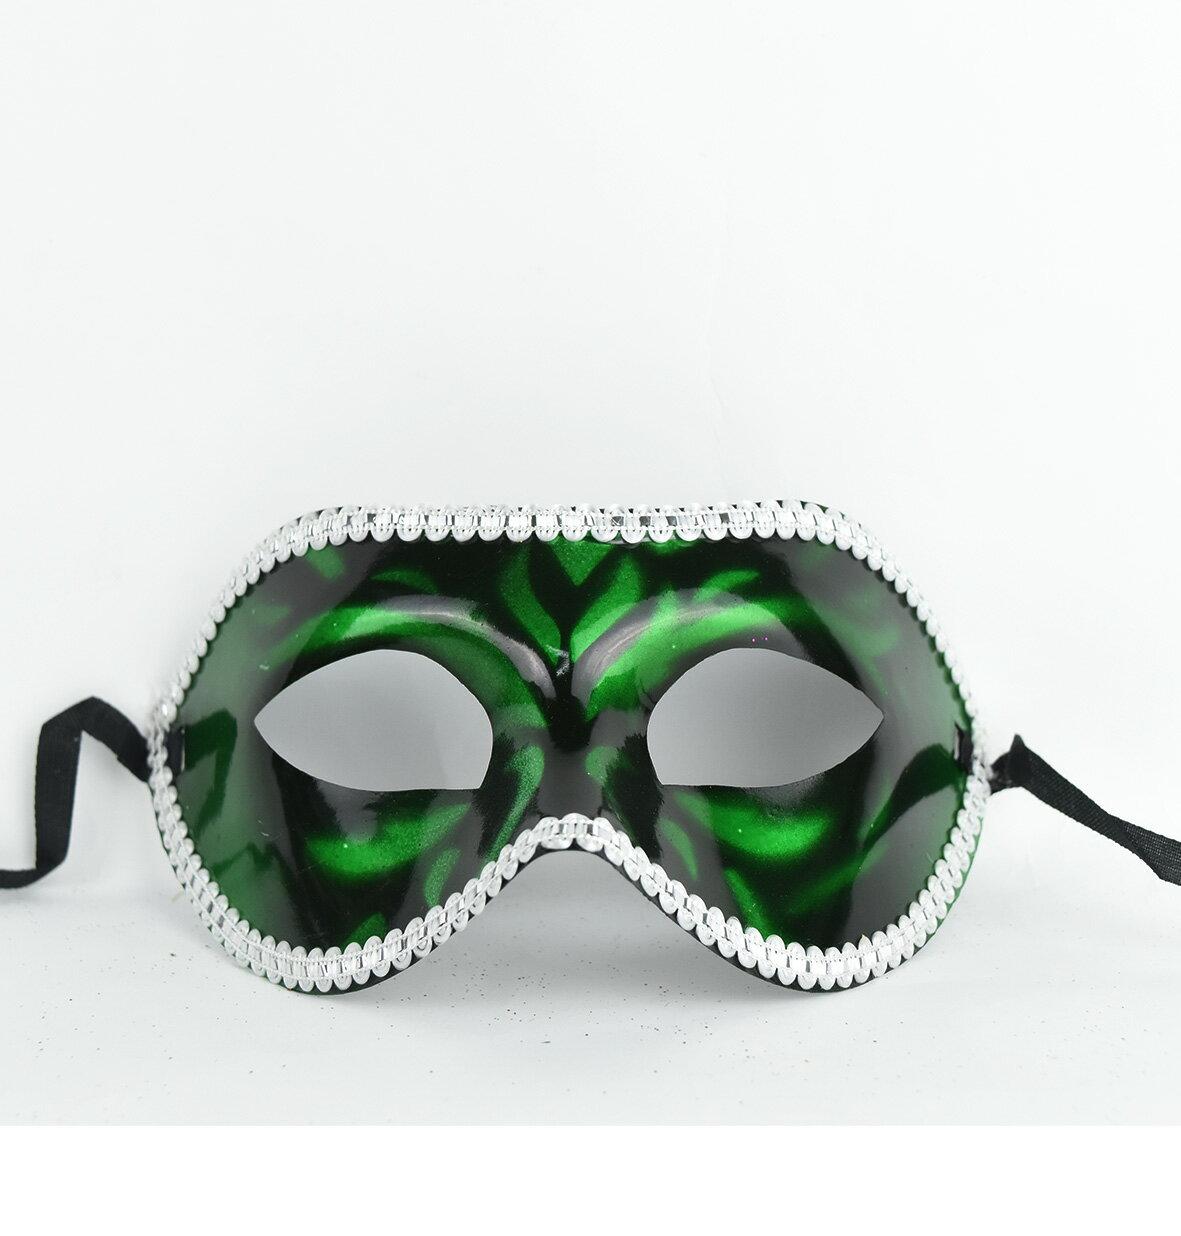 X射線【W506352】亮面緞帶面具,萬聖節/派對/道具/cosplay/表演/情趣/威尼斯/尾牙/搞怪/春吶/頭套/慶生/化妝舞會